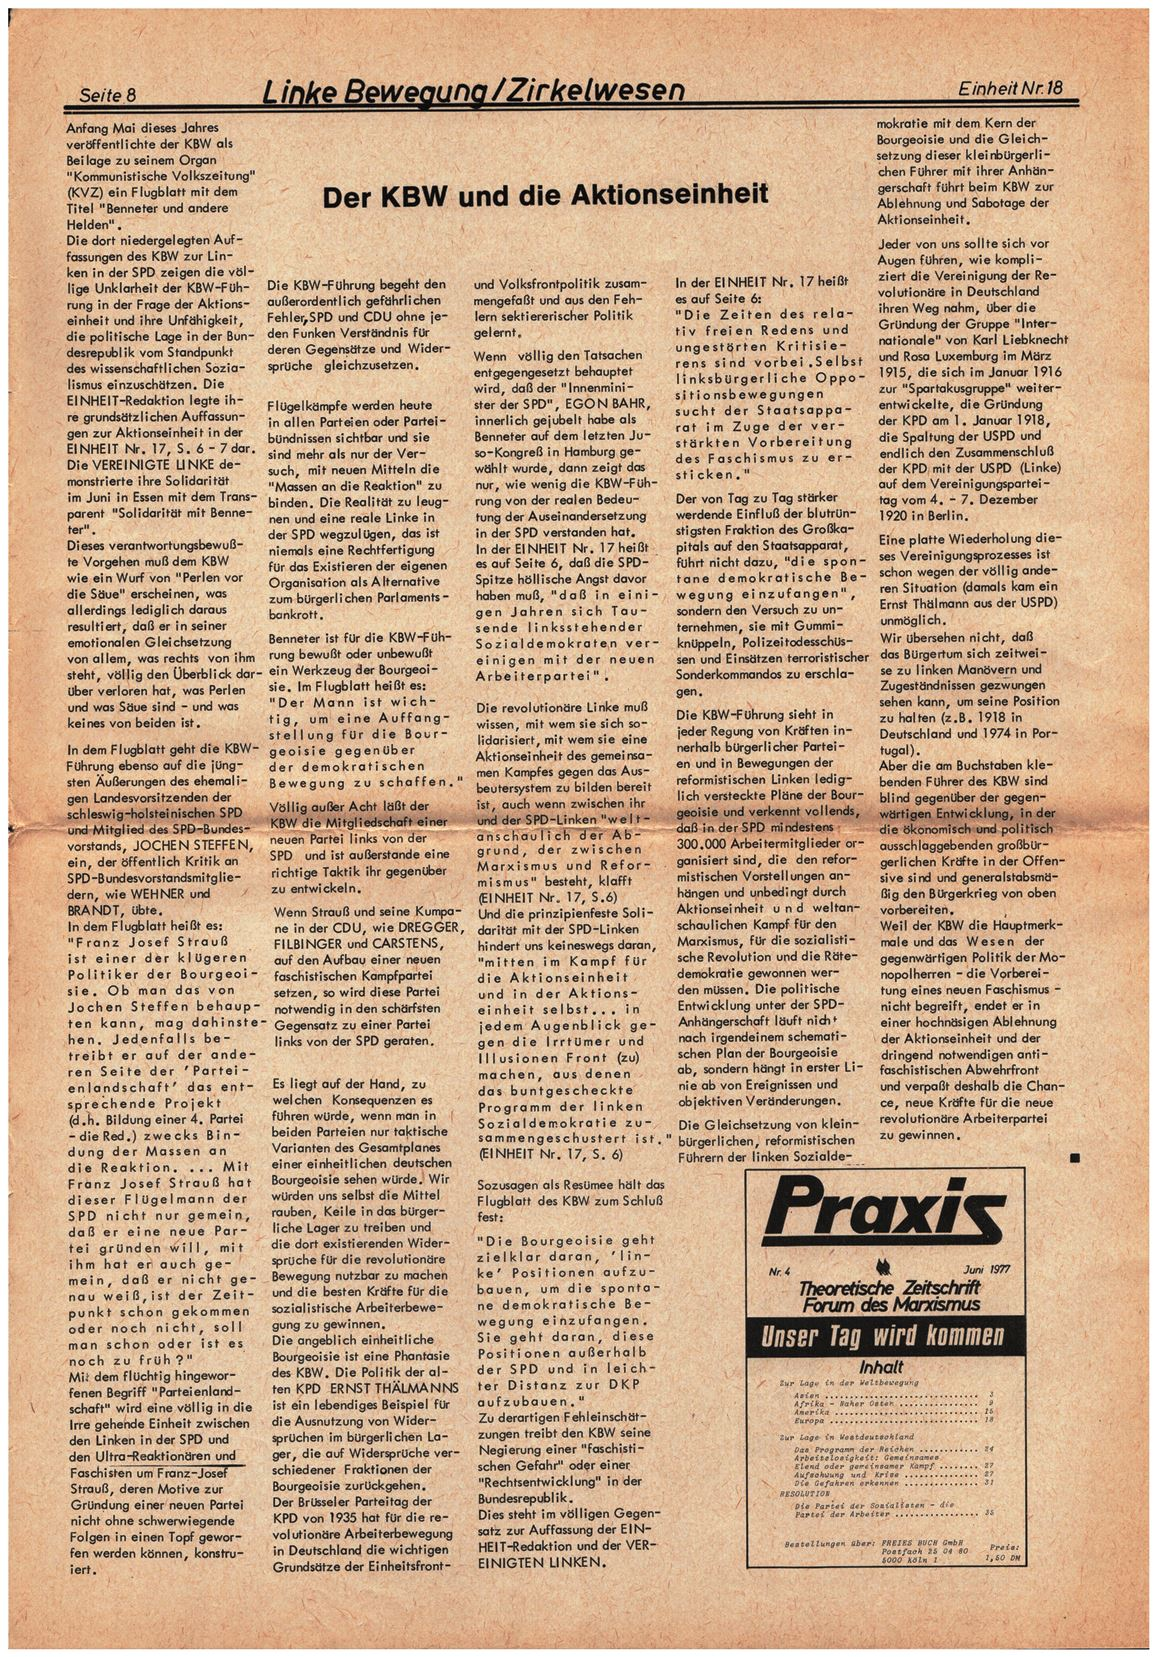 Koeln_IPdA_Einheit_1977_018_008